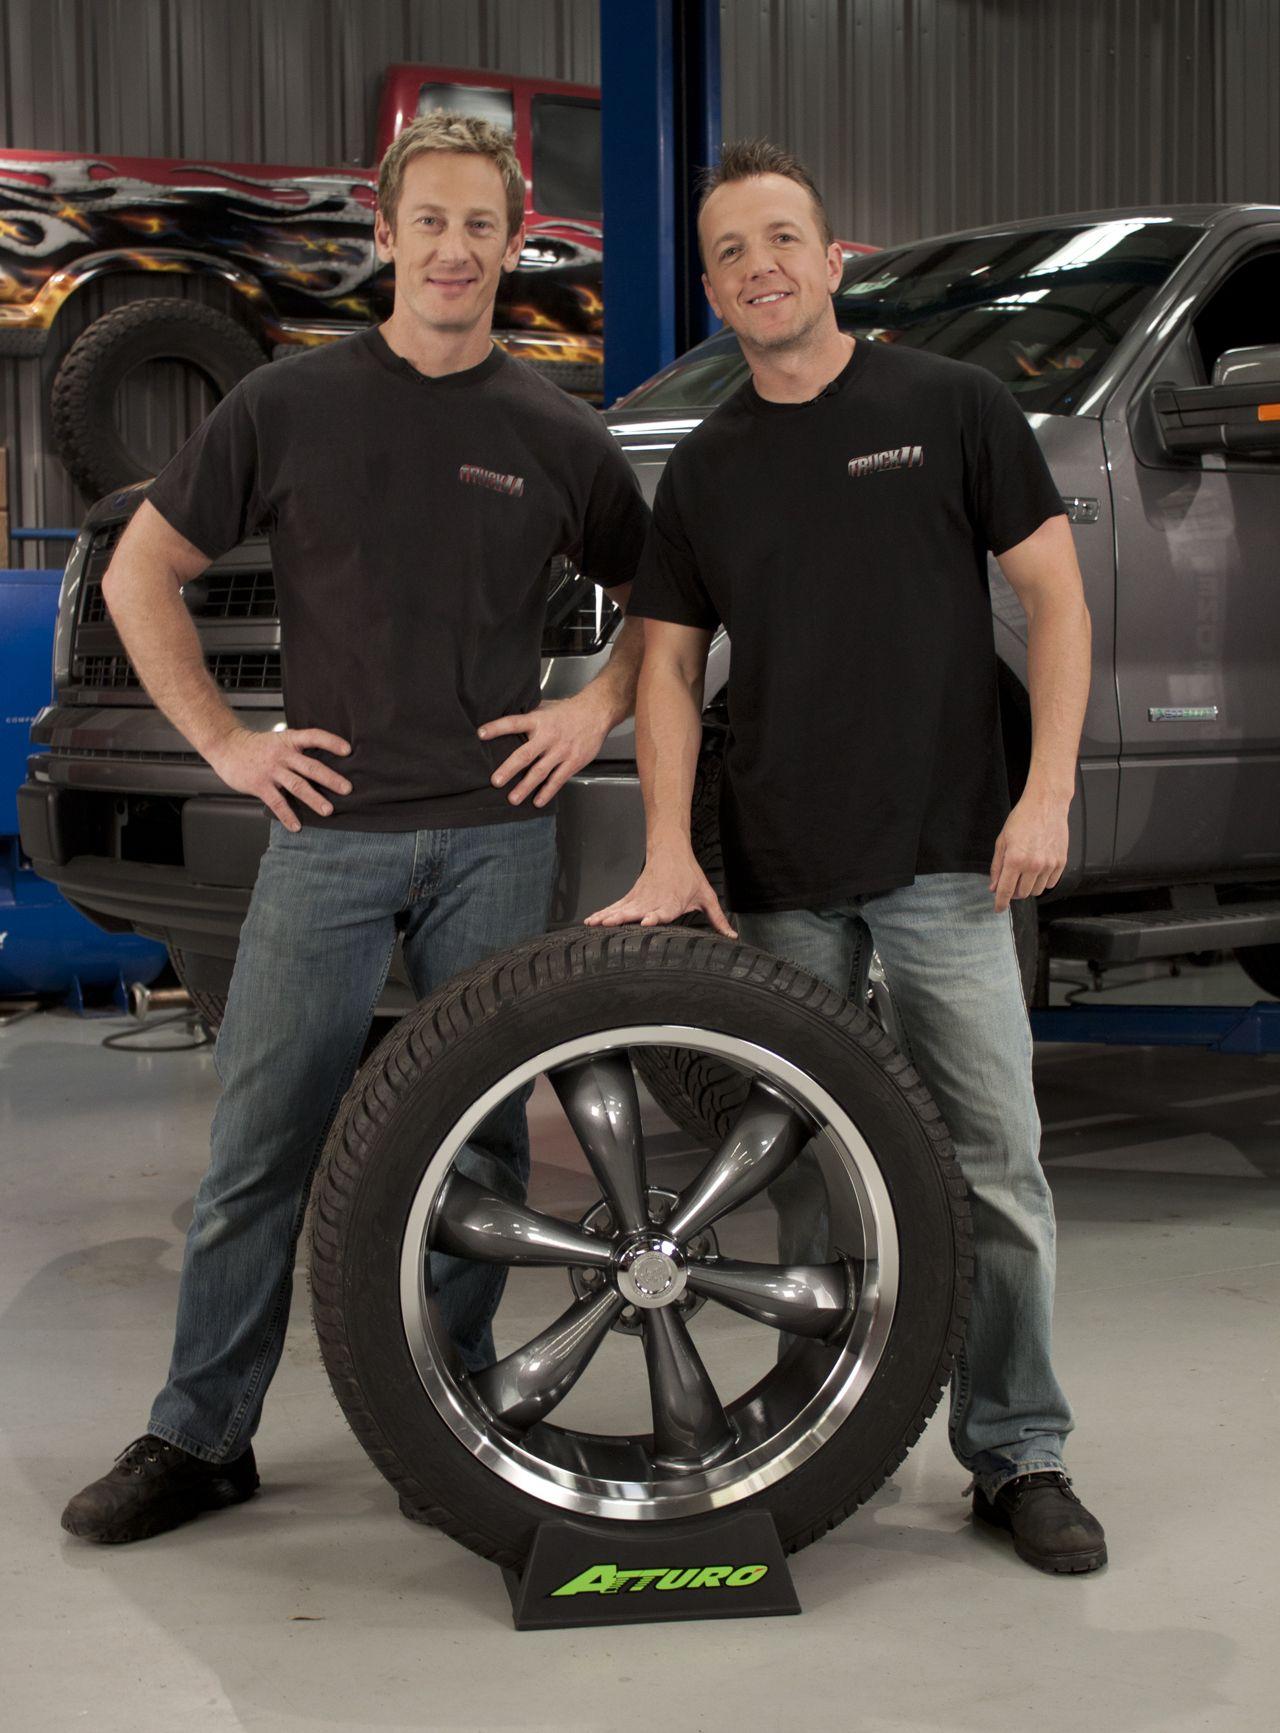 Atturo tires will star on 'Truck U'